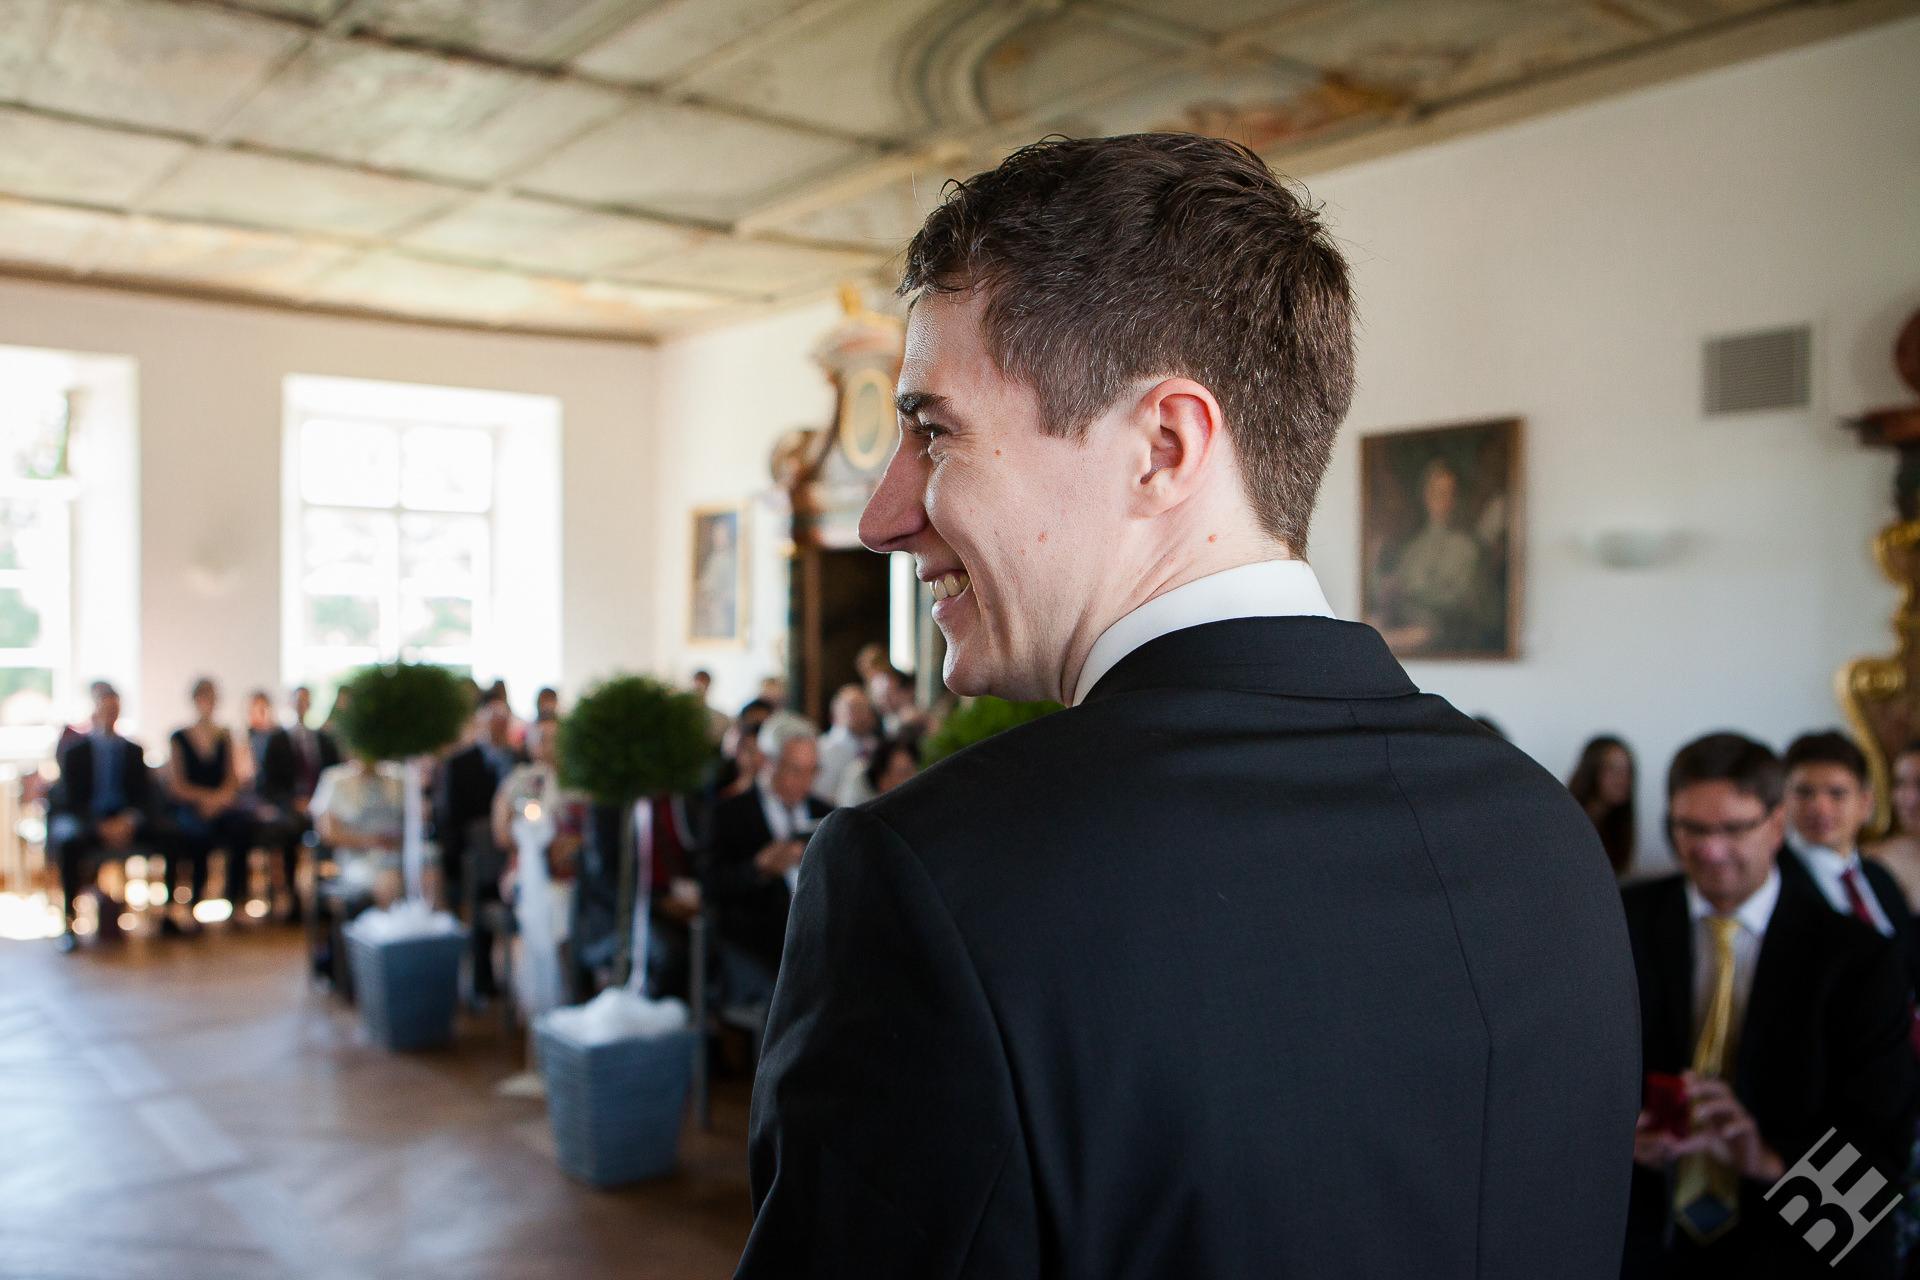 Hochzeit_10_IMG_9109_Volen_Evtimov